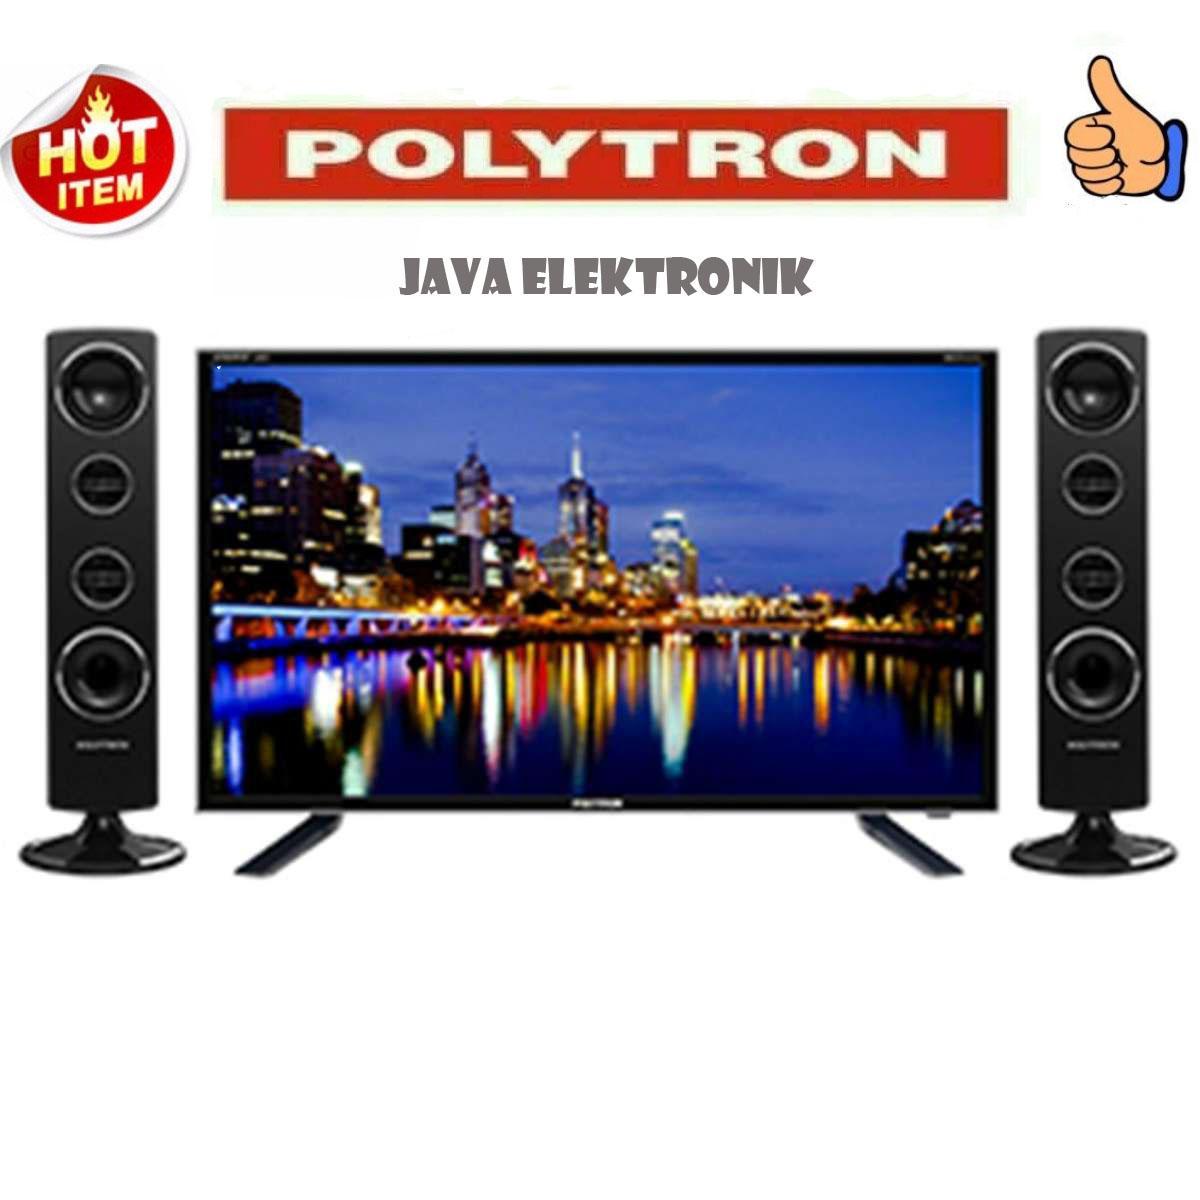 Polytron PLD32T1500 Tower CinemaX TV LED - Hitam [32 Inch] garansi 5 tahun garansi resmi